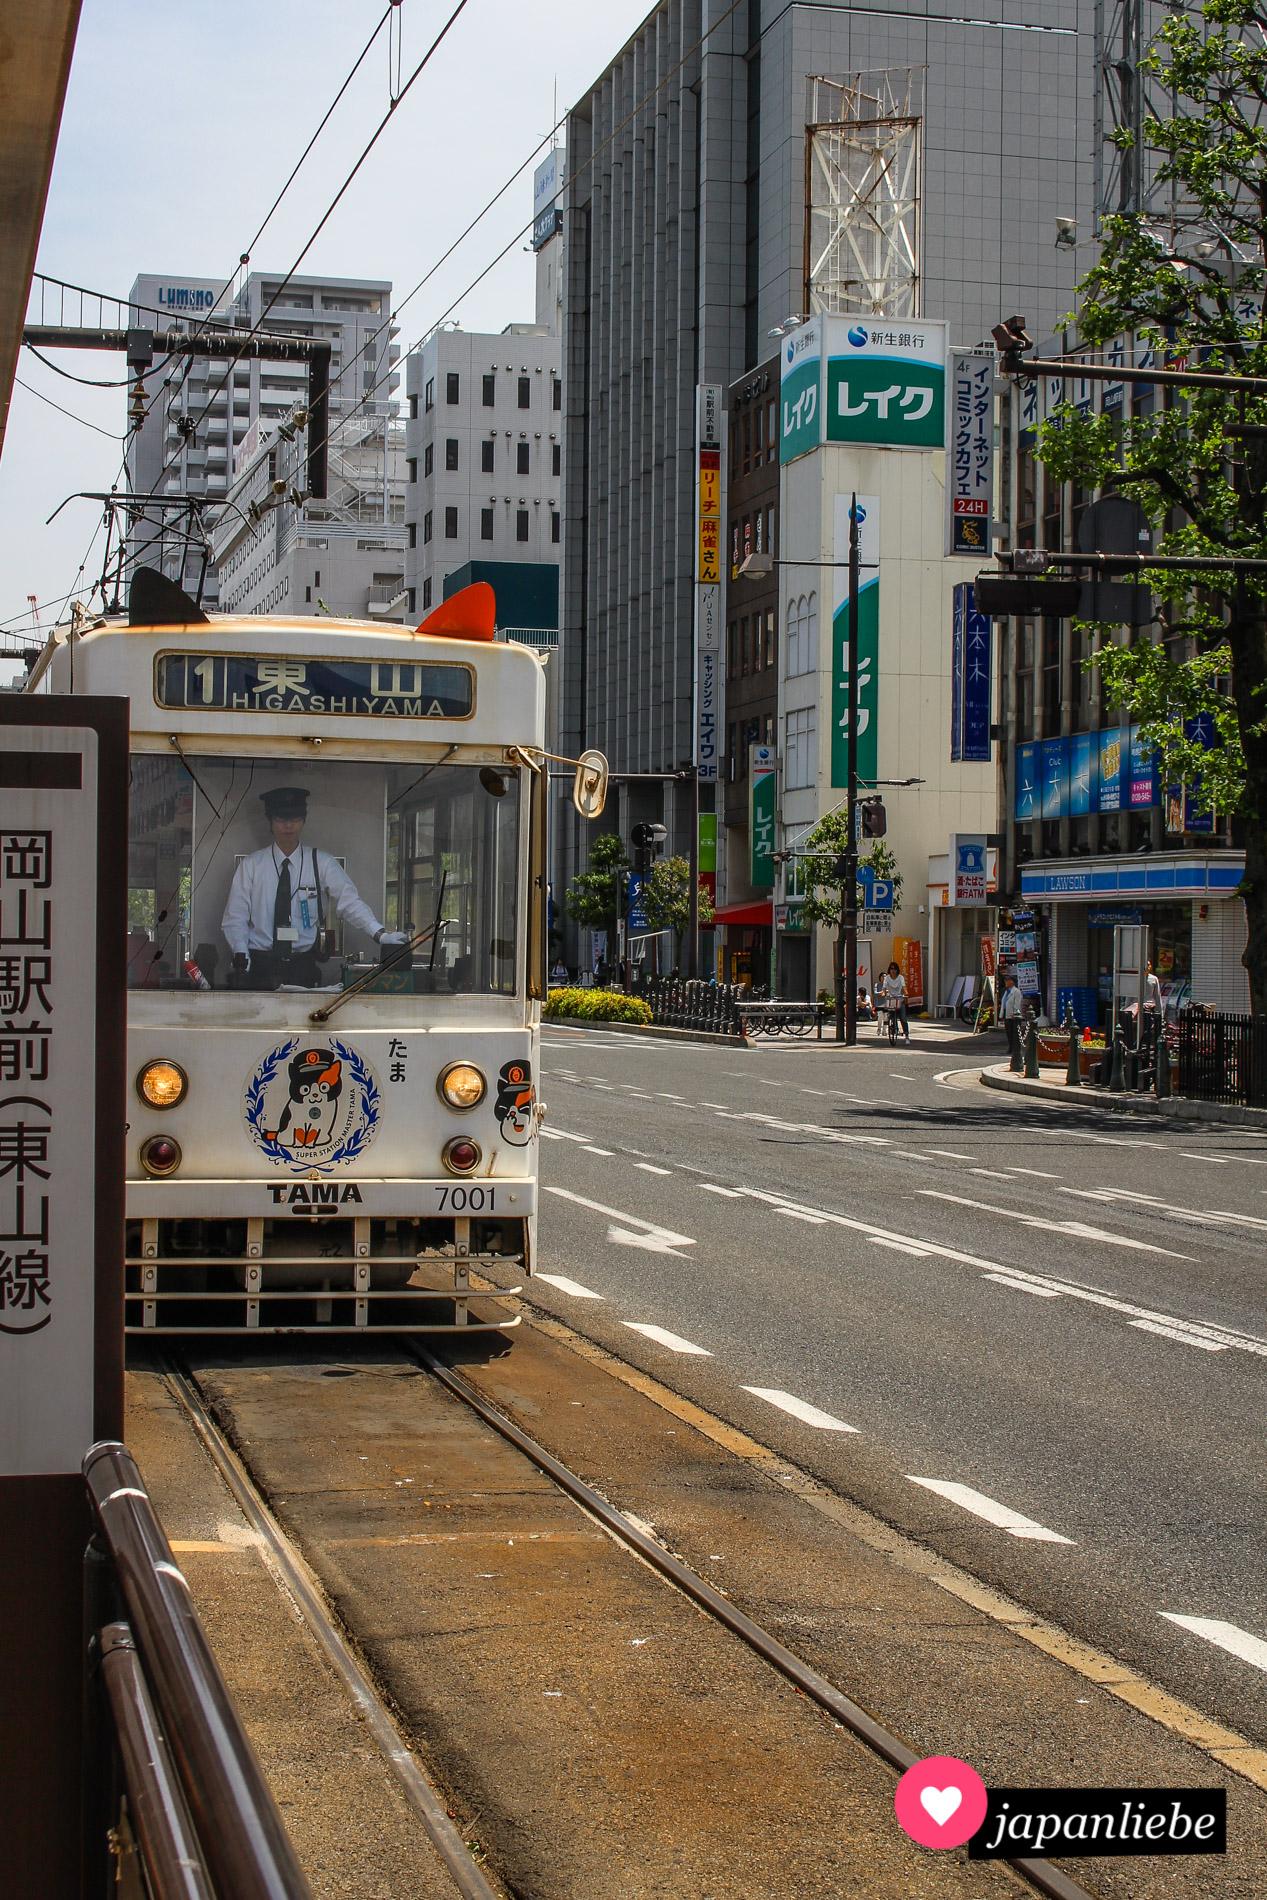 Die Katzentram in Okayama fährt am Hauptbahnhof ein.